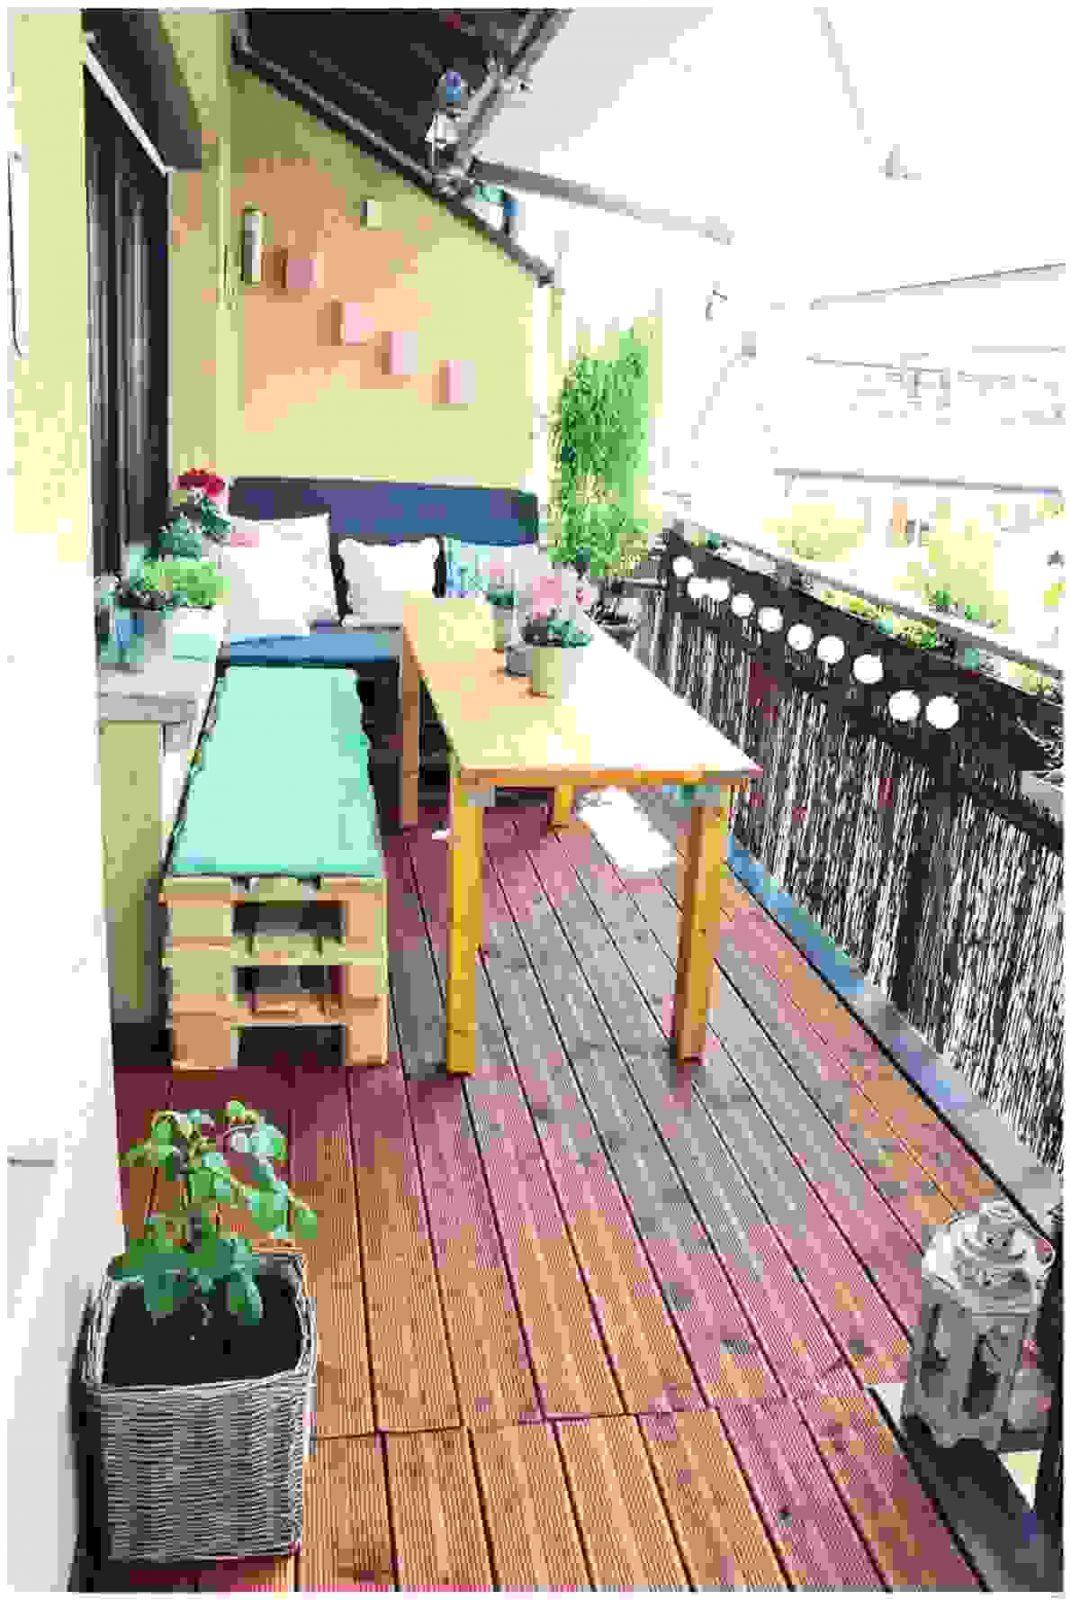 Einzigartig Balkonmöbel Für Kleinen Balkon Frisch Home Ist Tolle von Ideen Für Schmalen Balkon Bild